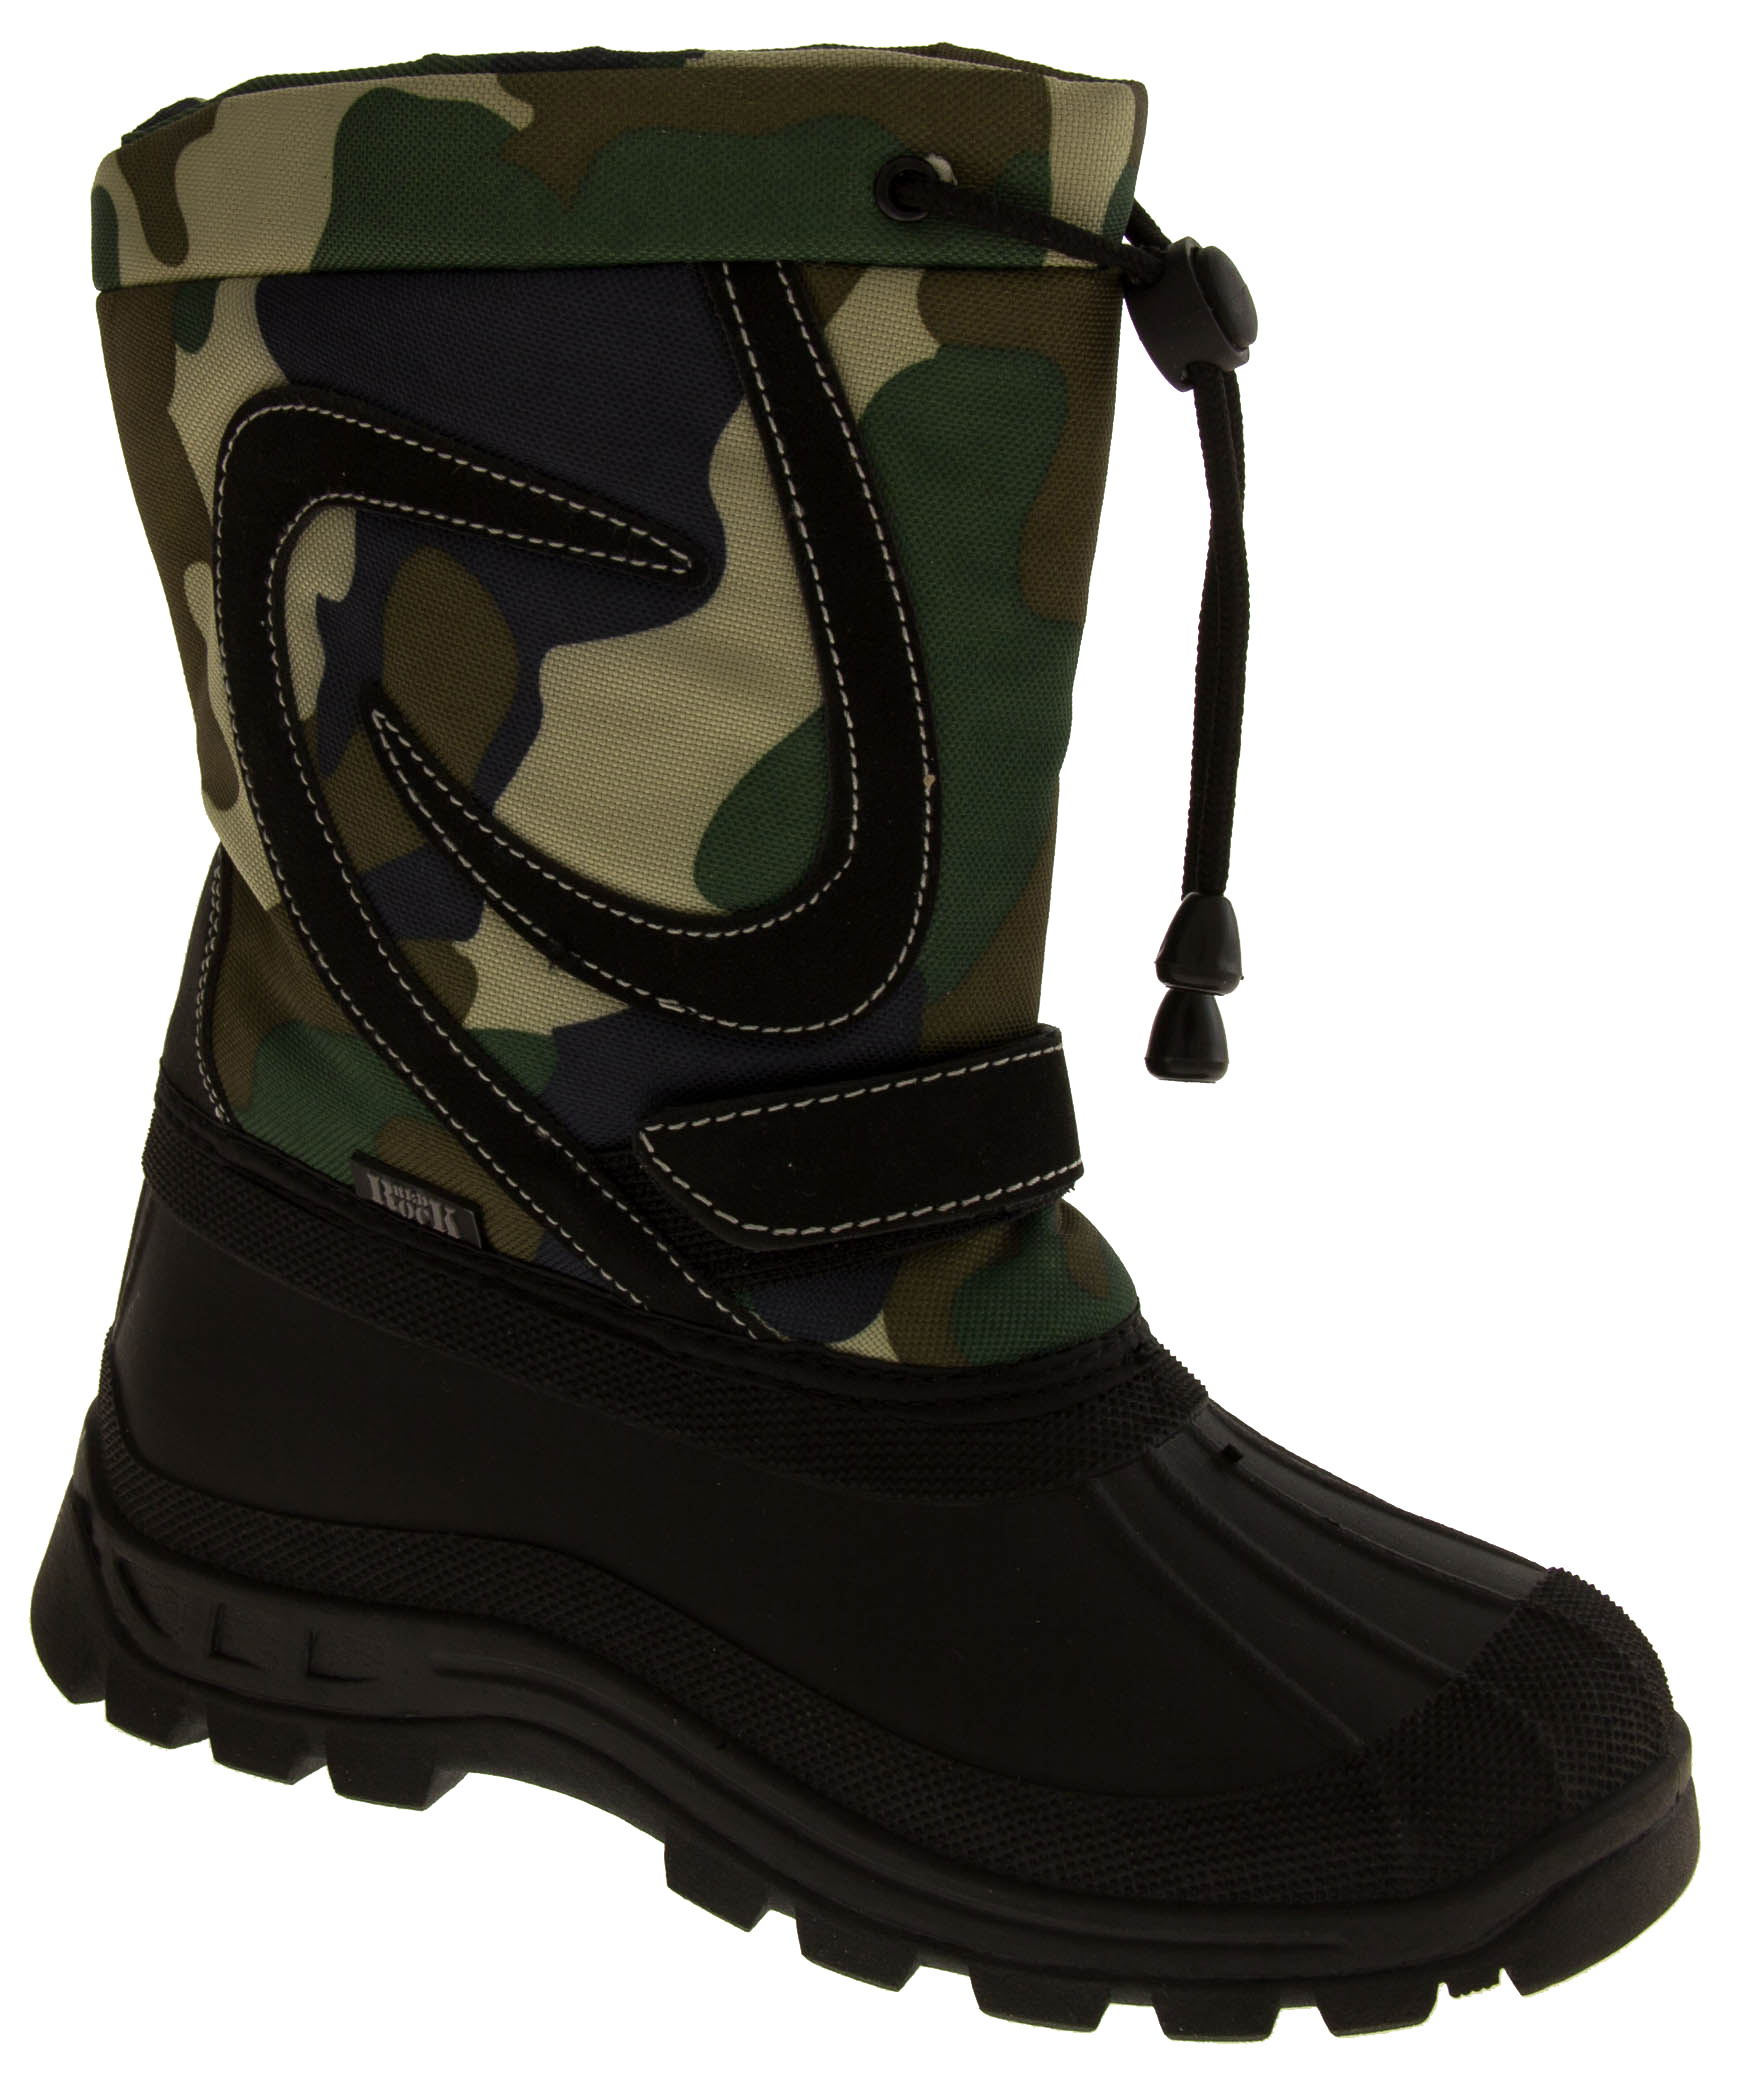 d47518c8917 Boys Size 13 Snow Boots   Samsung Renewable Energy Inc.